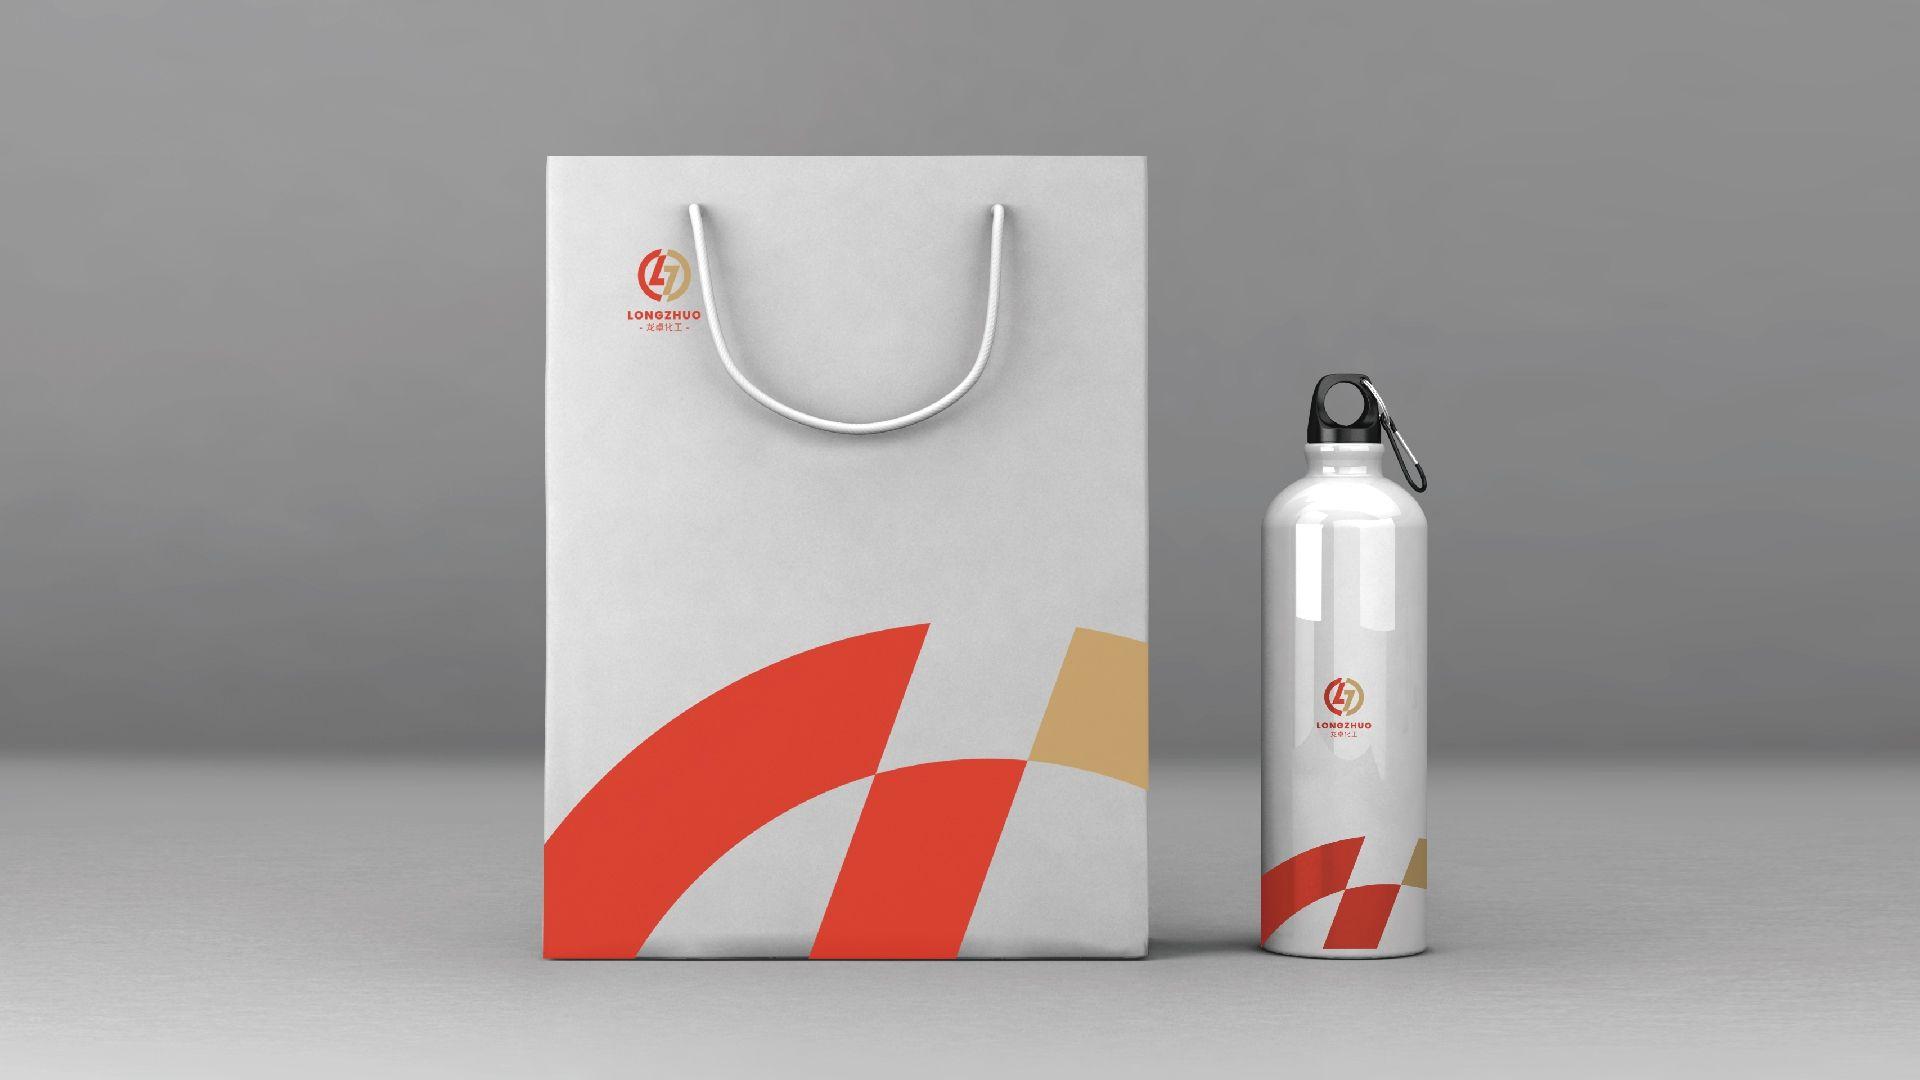 龙卓化工品牌形象标志设计VI设计 飞特网 VI设计